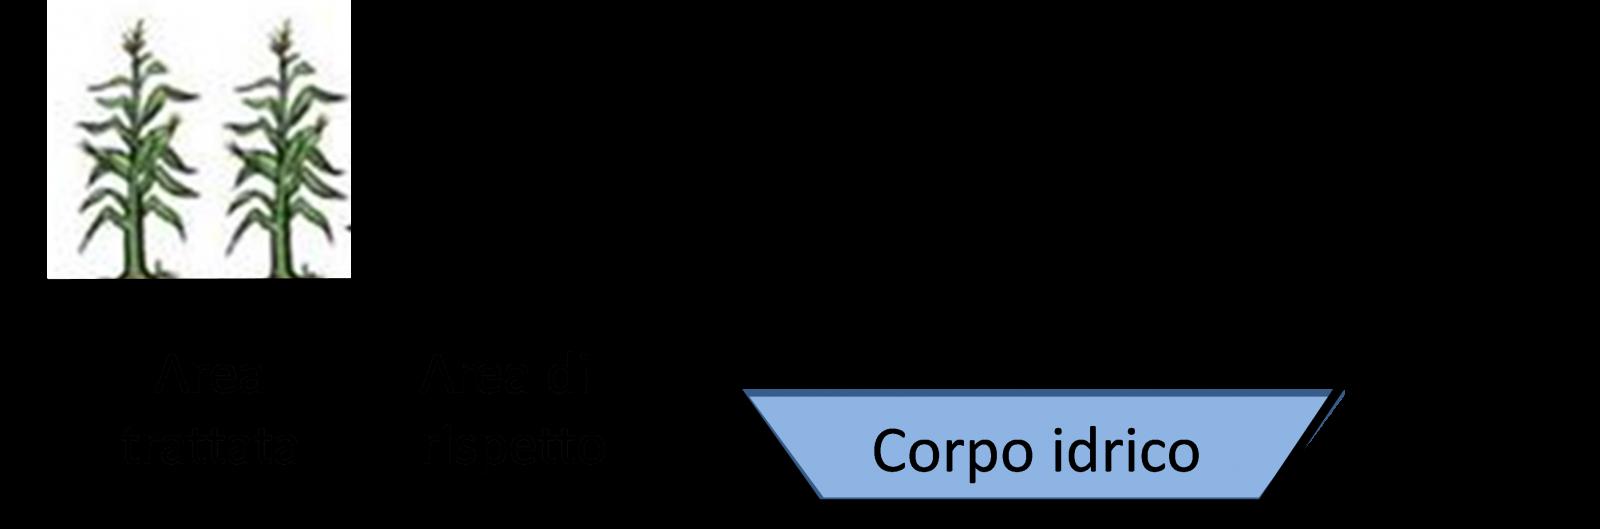 Veicolo aziendale adeguato per il trasporto dei prodotti fitosanitari